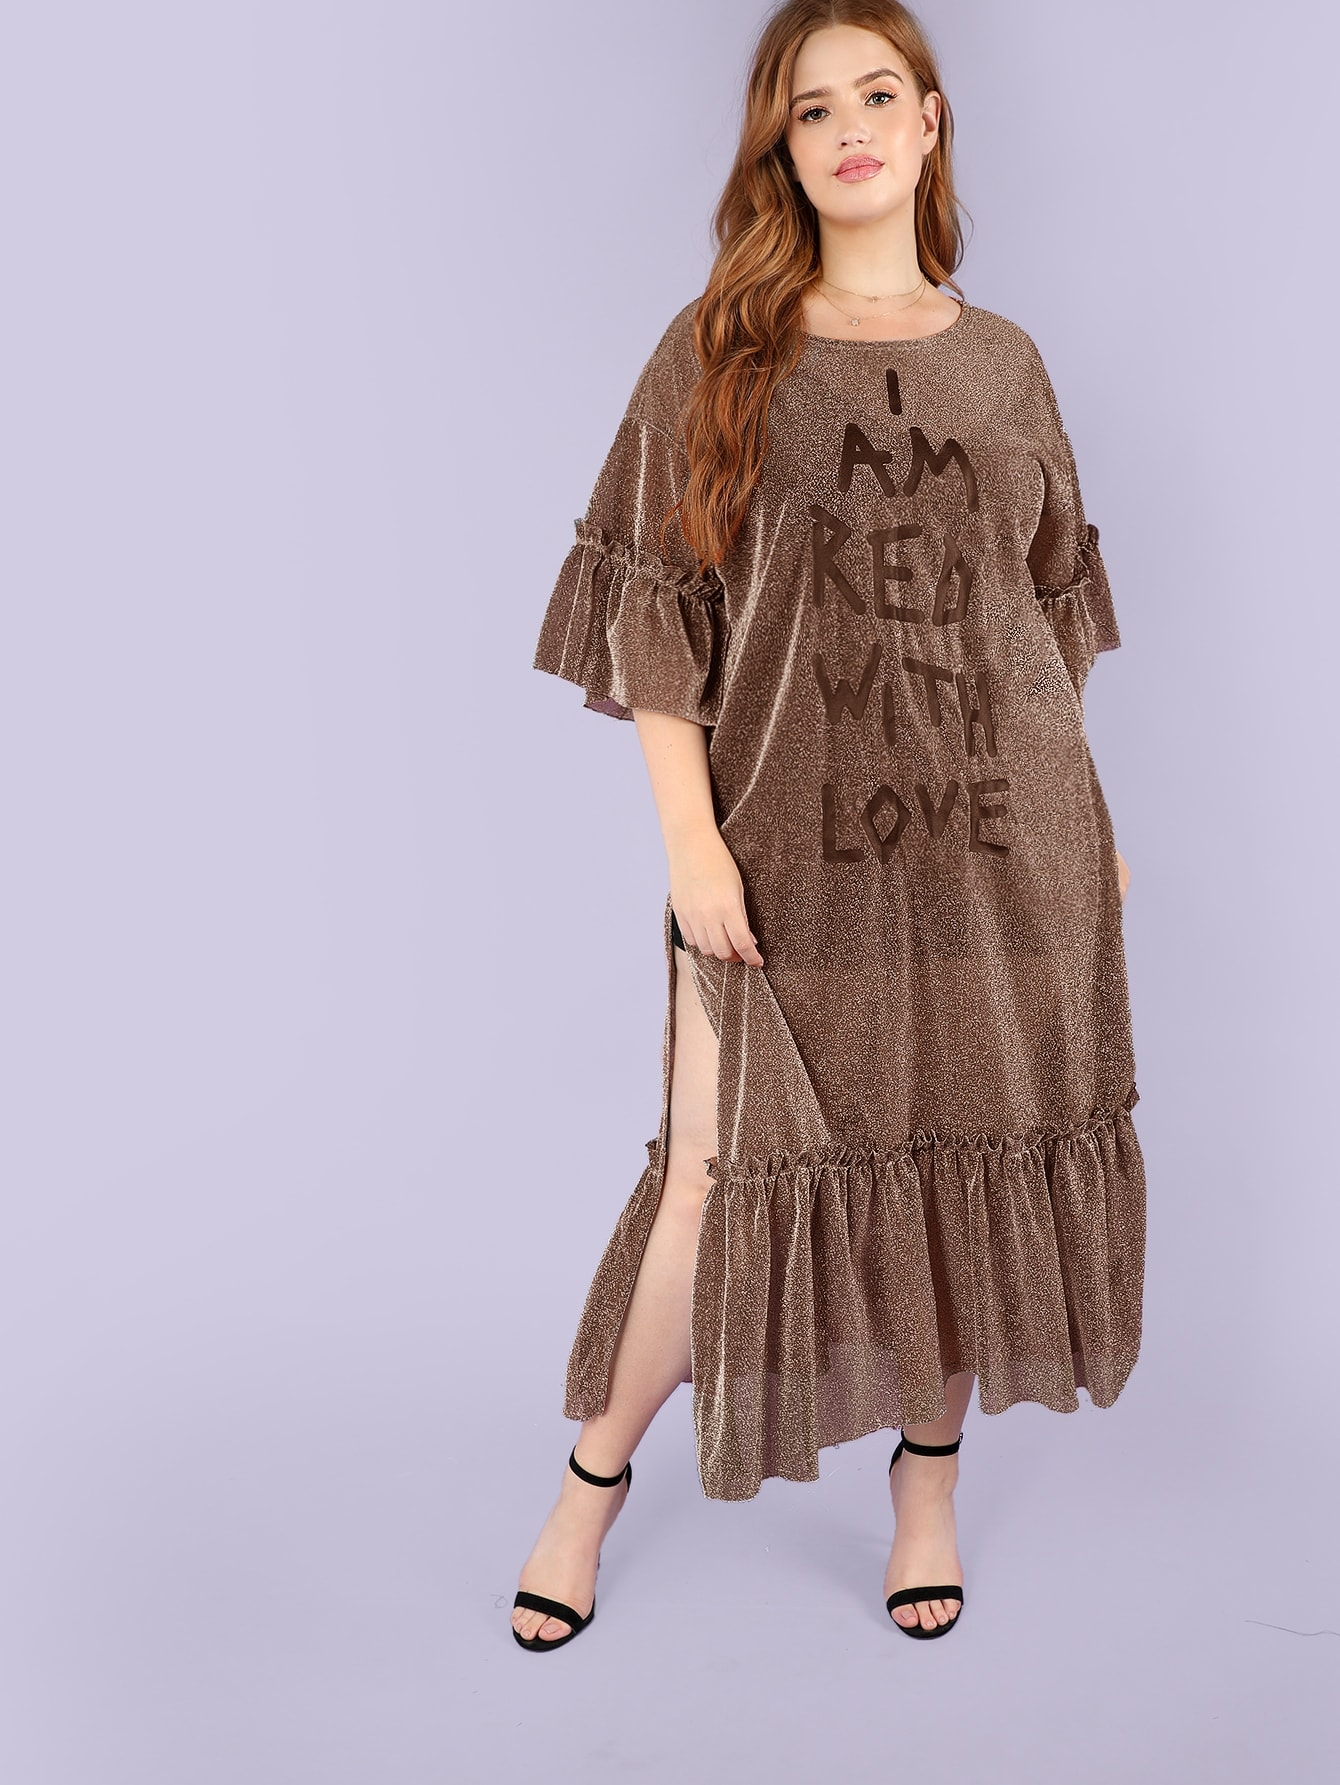 Размер плюс блестящее платье с текстовым принтом и высоком разрезом и оборкой SheIn